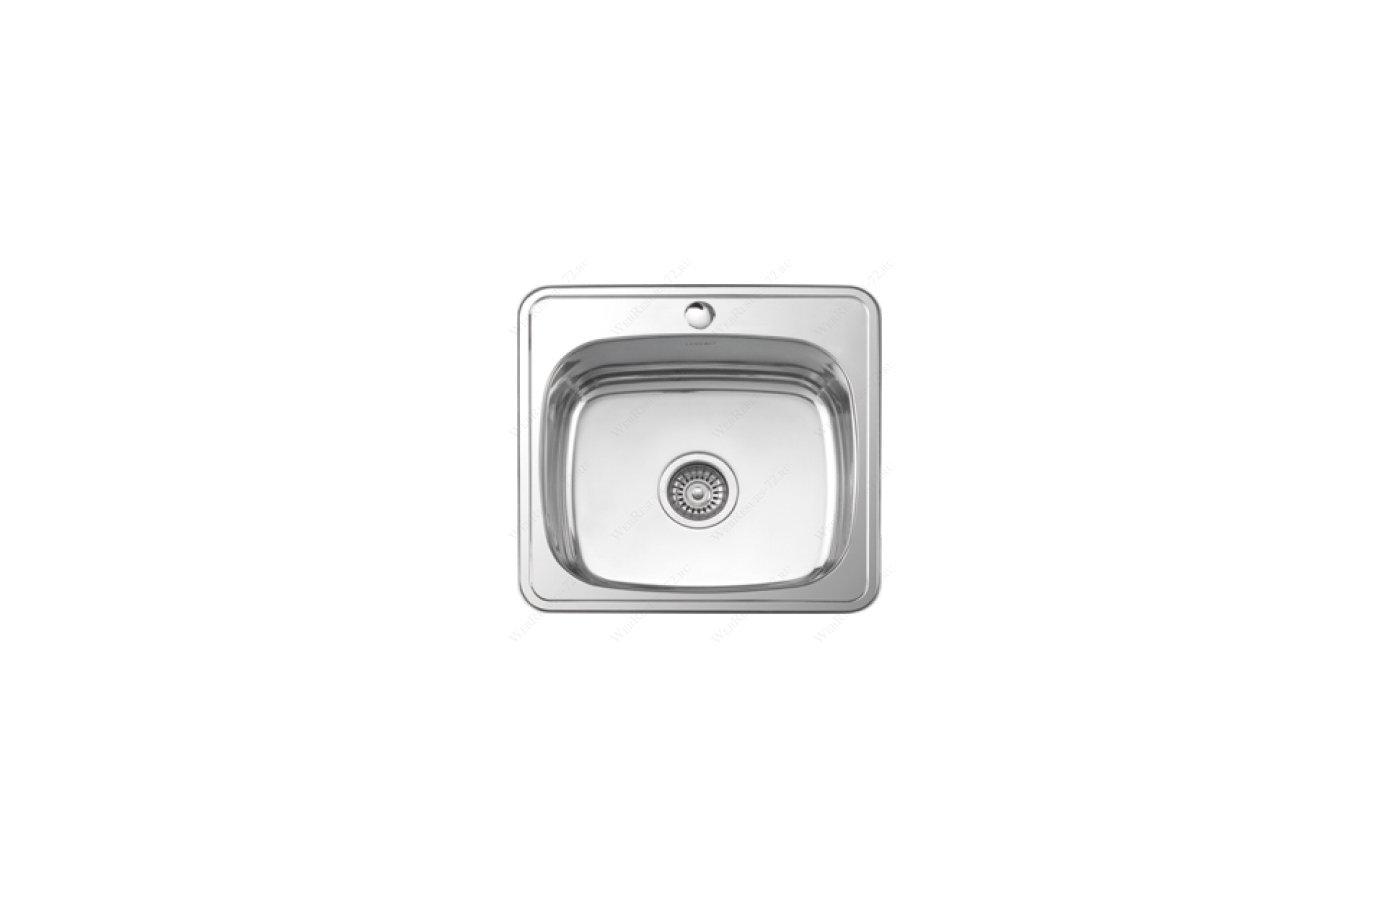 Кухонная мойка Accoona 24848 глянец